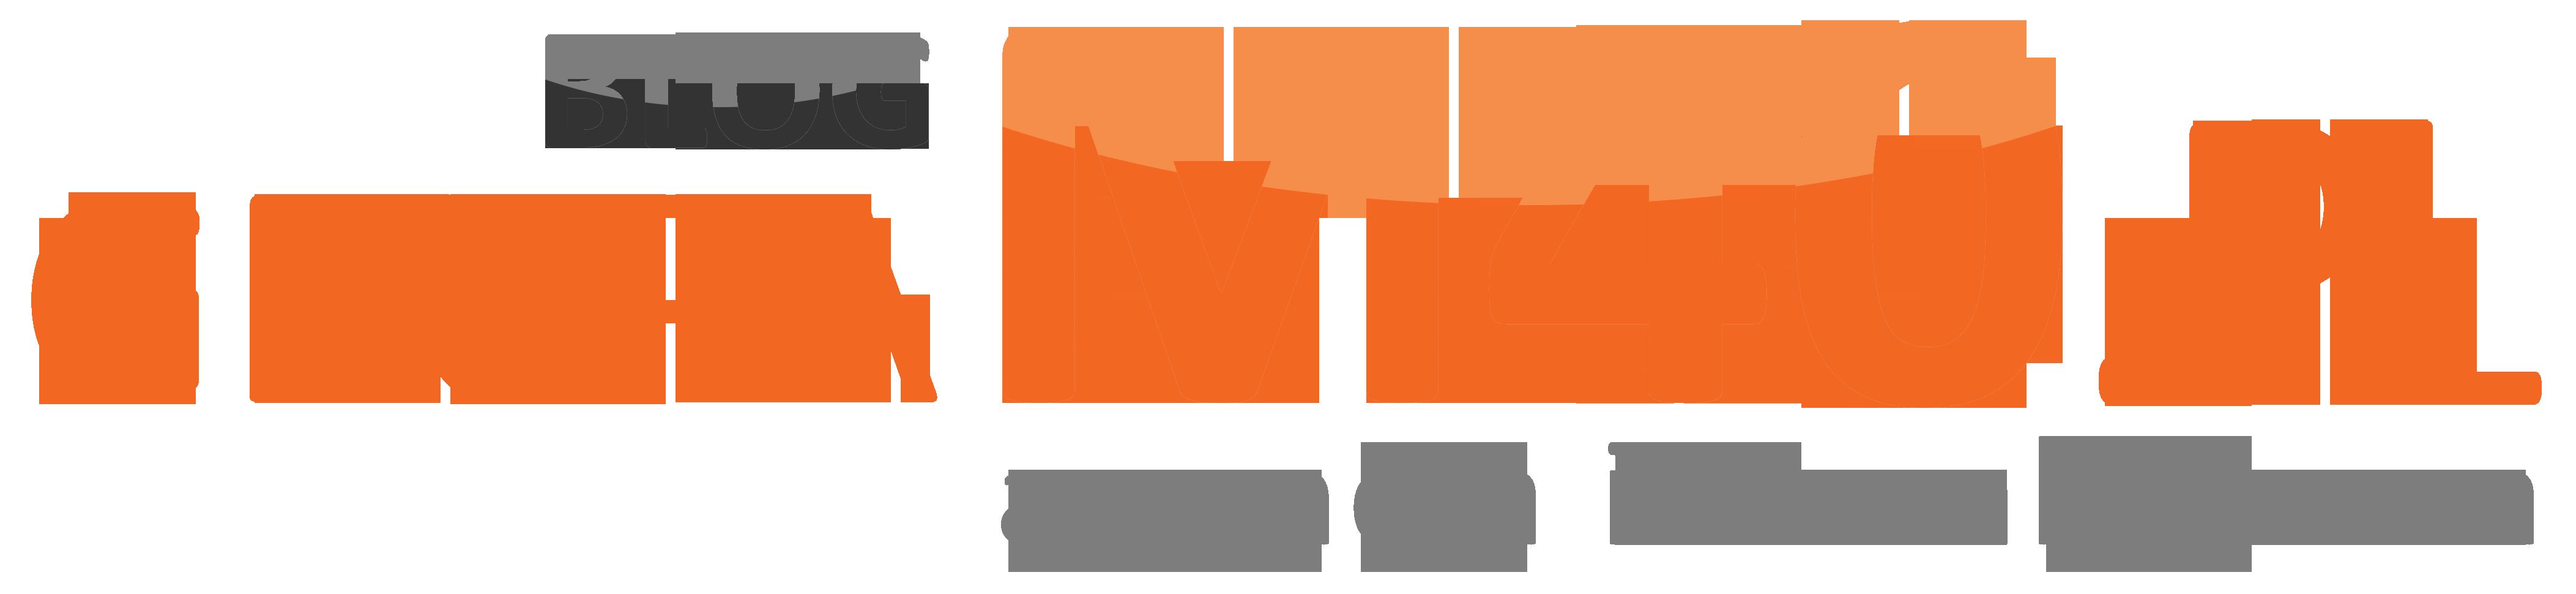 GrupaM40.pl - blog o pozycjonowaniu stron i o emarketingu